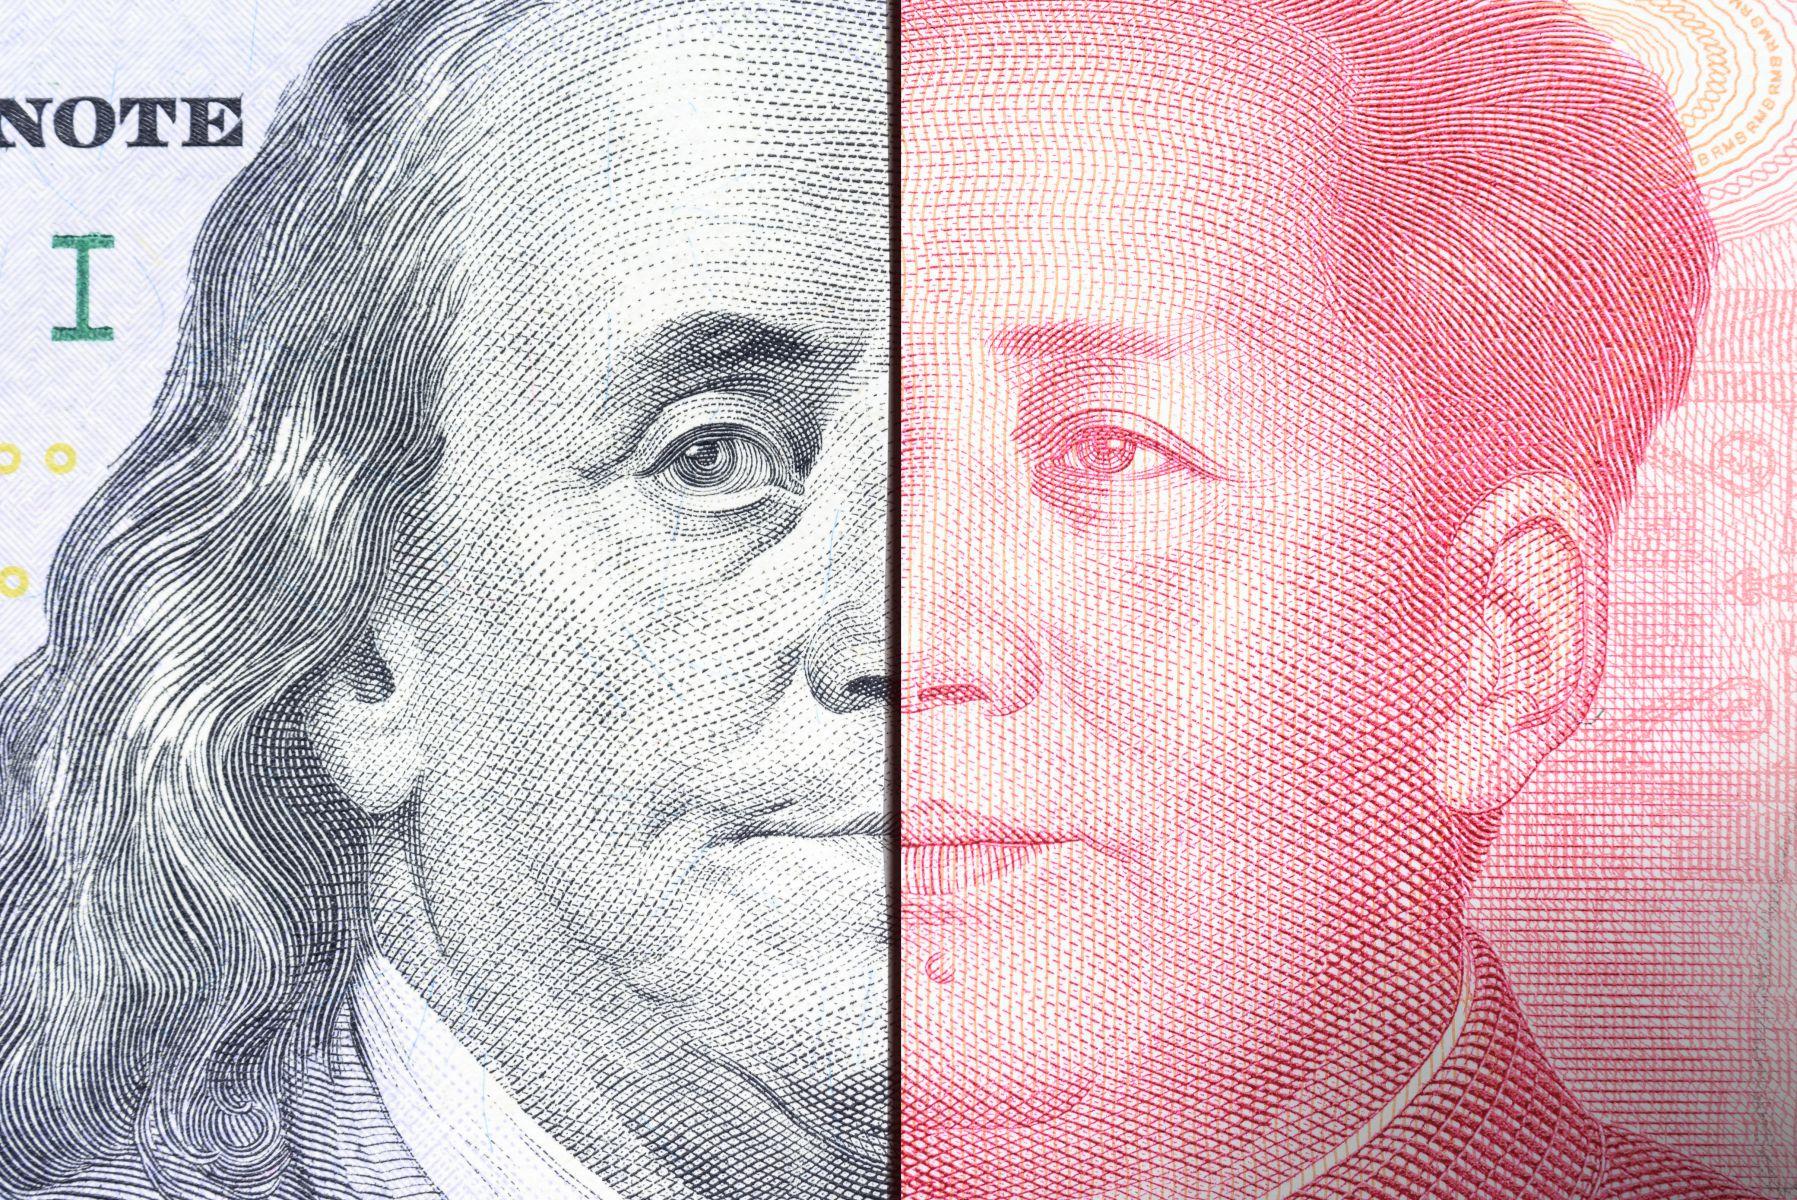 中美貿易協商內容曝光  雙方談判籌碼有哪些?